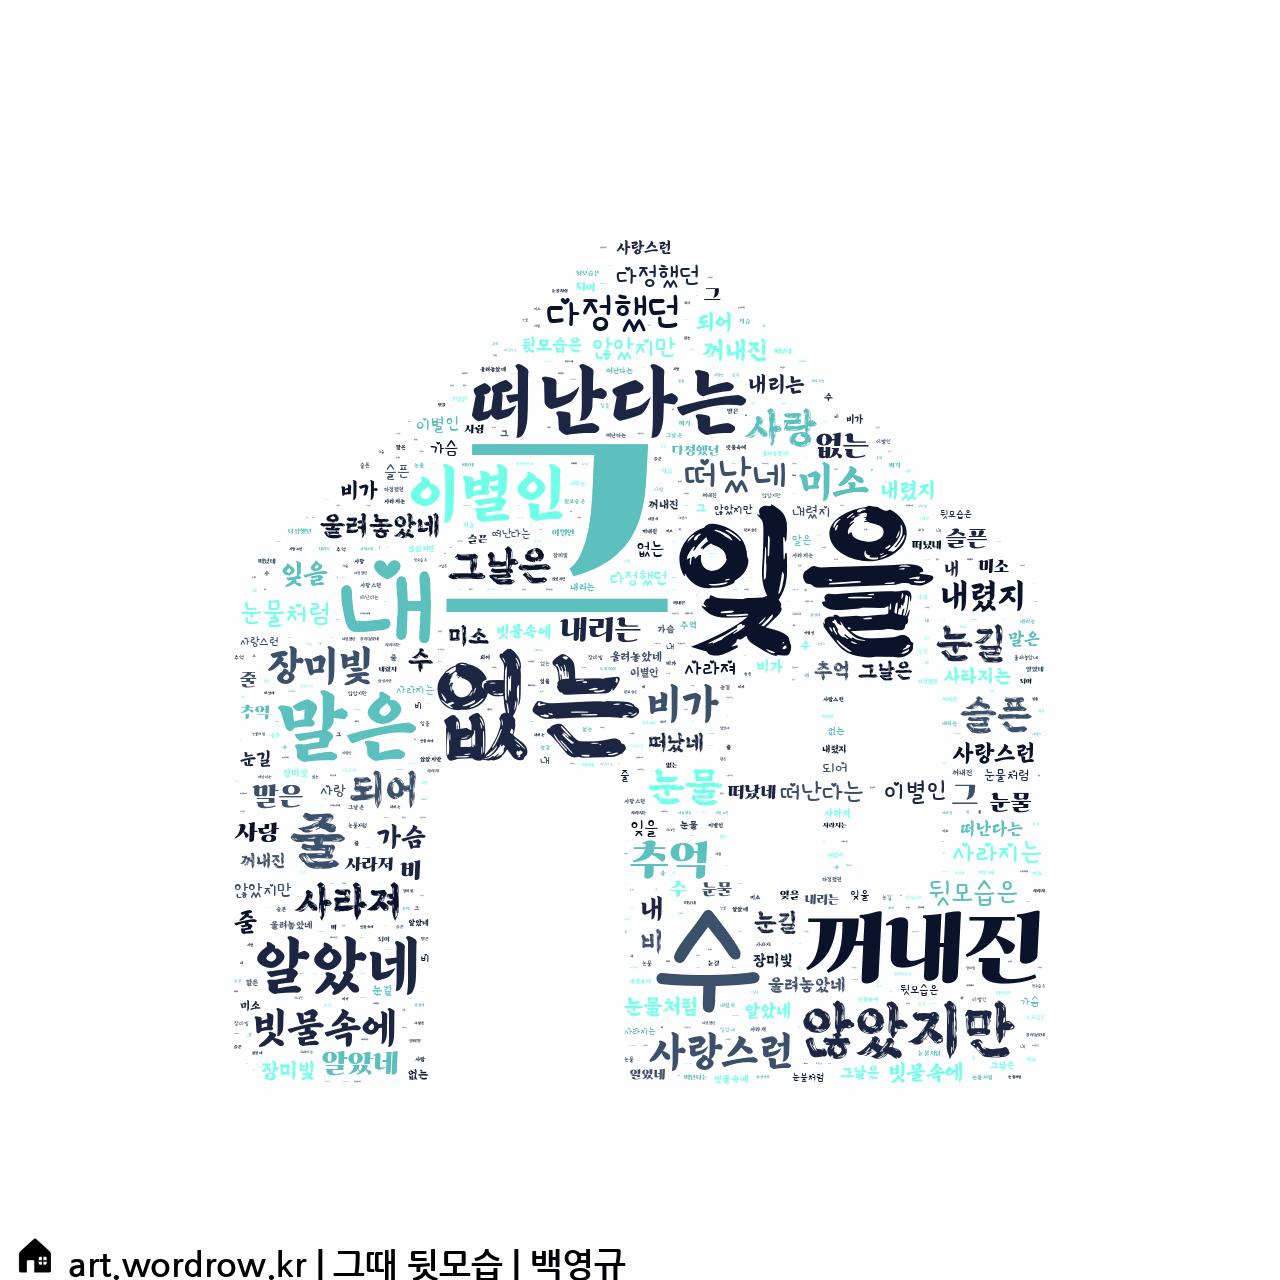 워드 클라우드: 그때 뒷모습 [백영규]-26